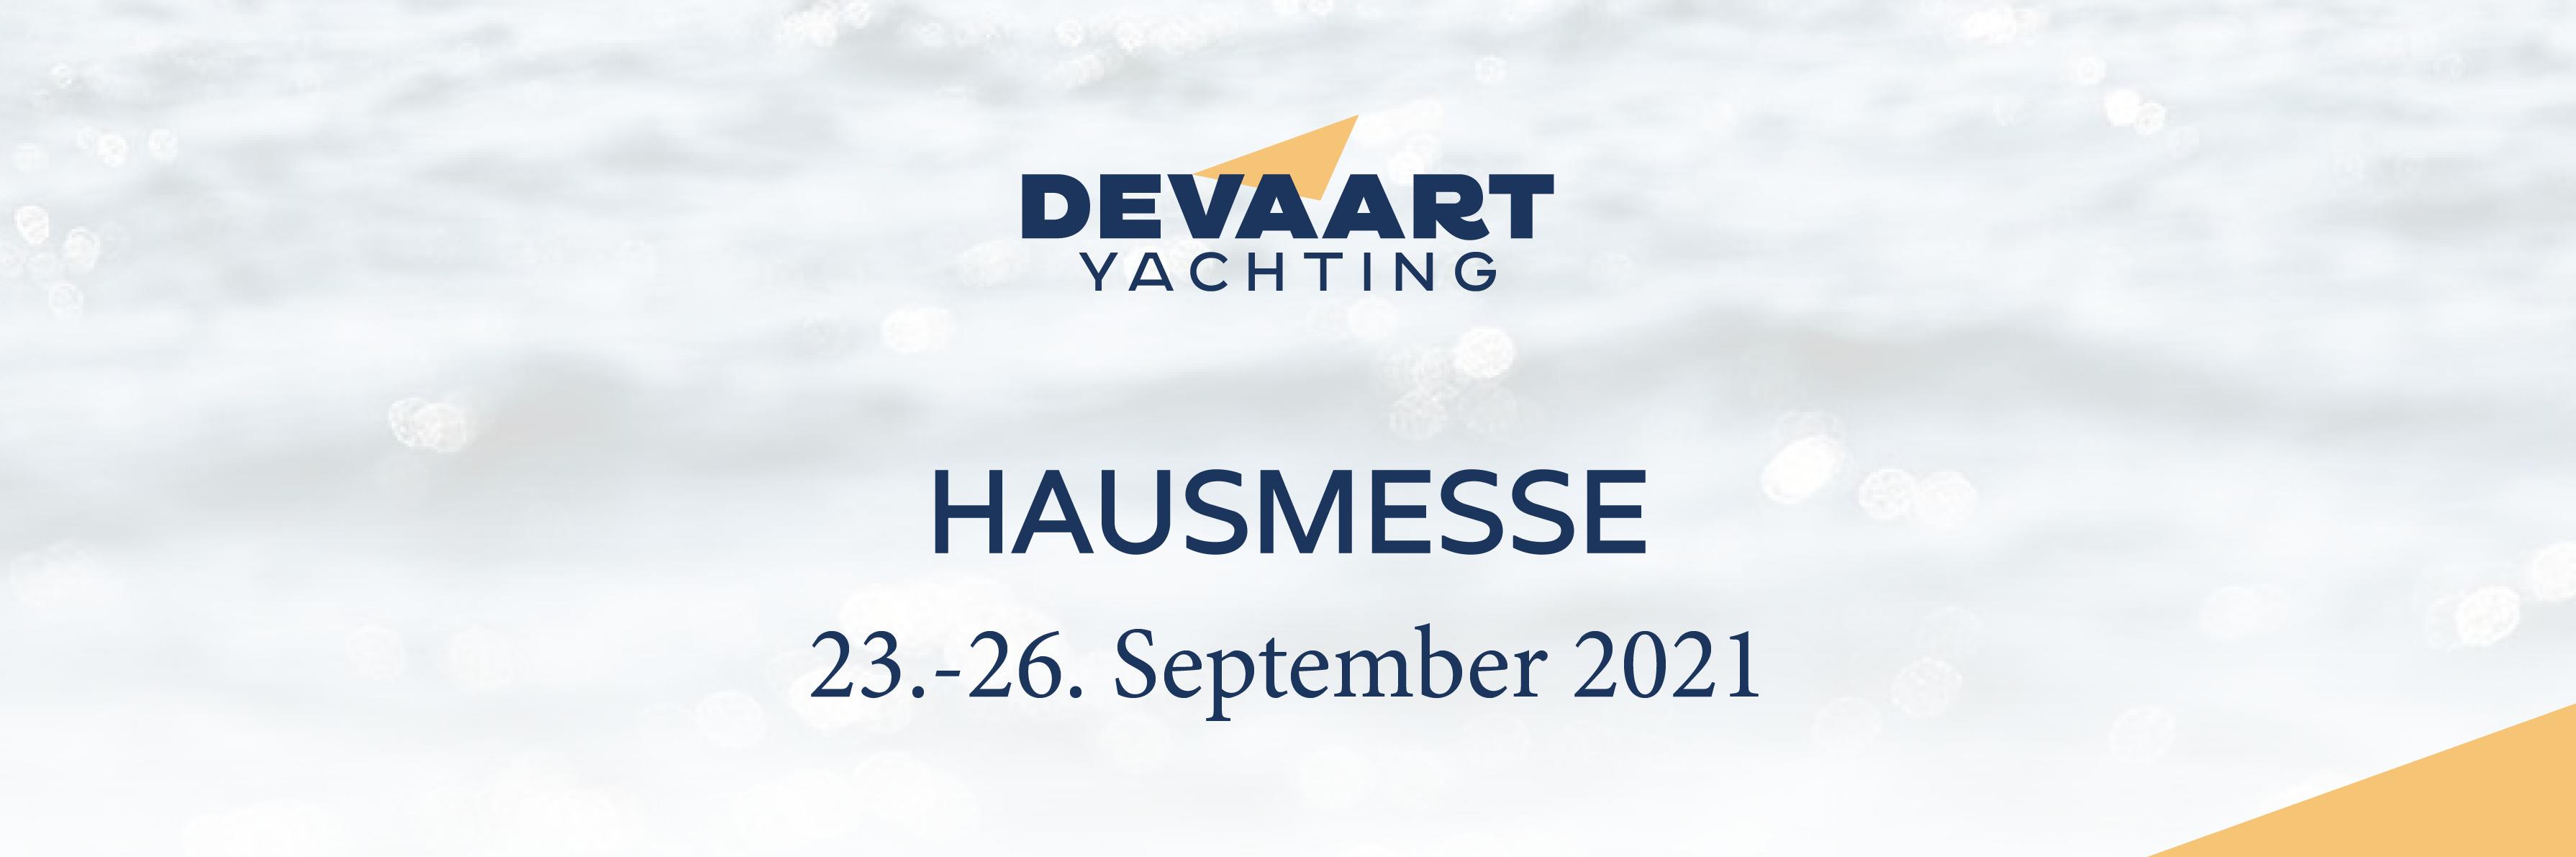 De Vaart Yachting Hausmesse